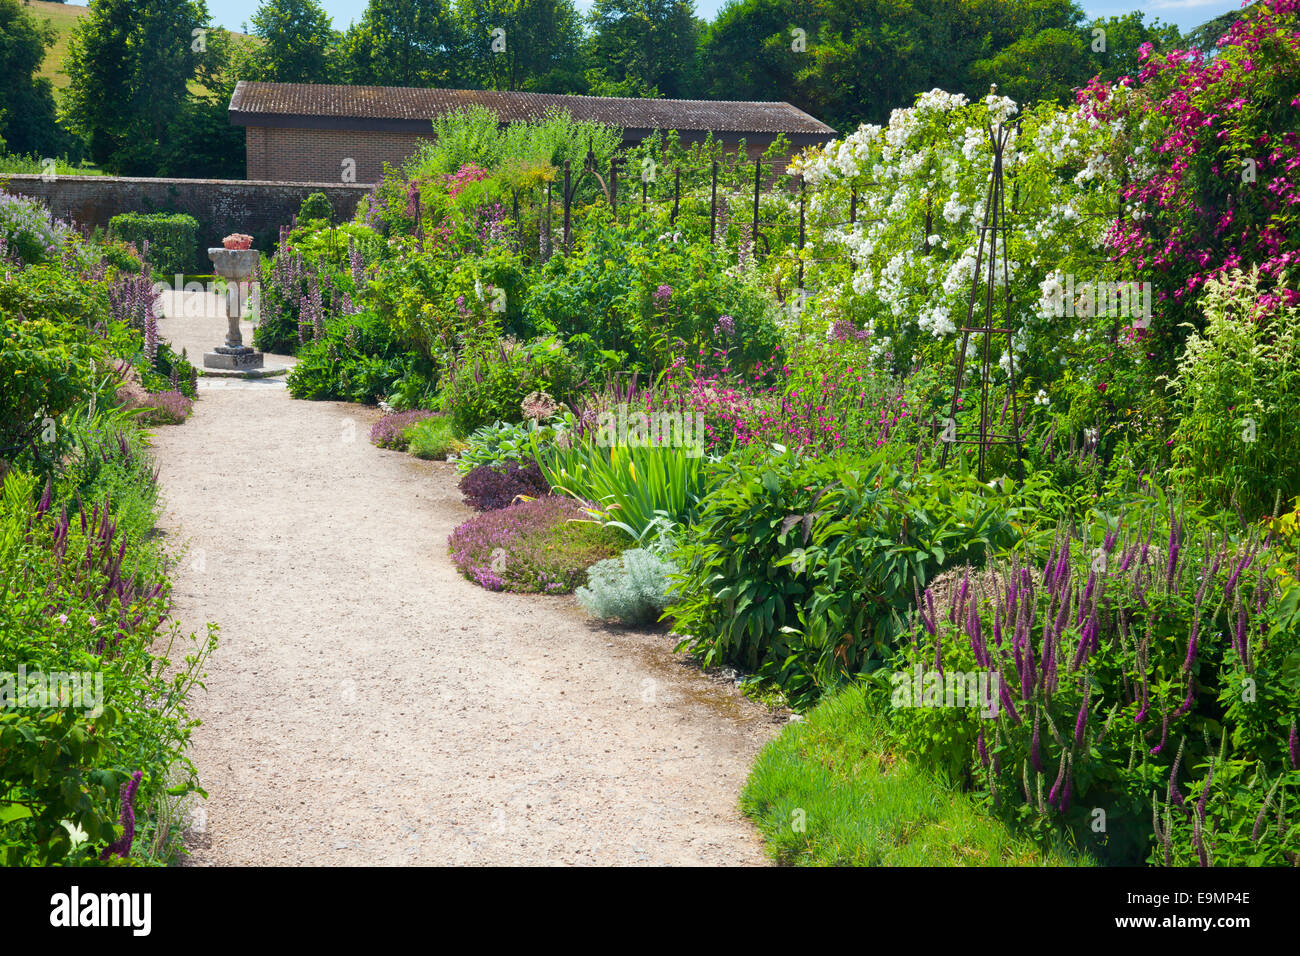 Alcuni dei colorati herbaceous borders in il giardino murato a west